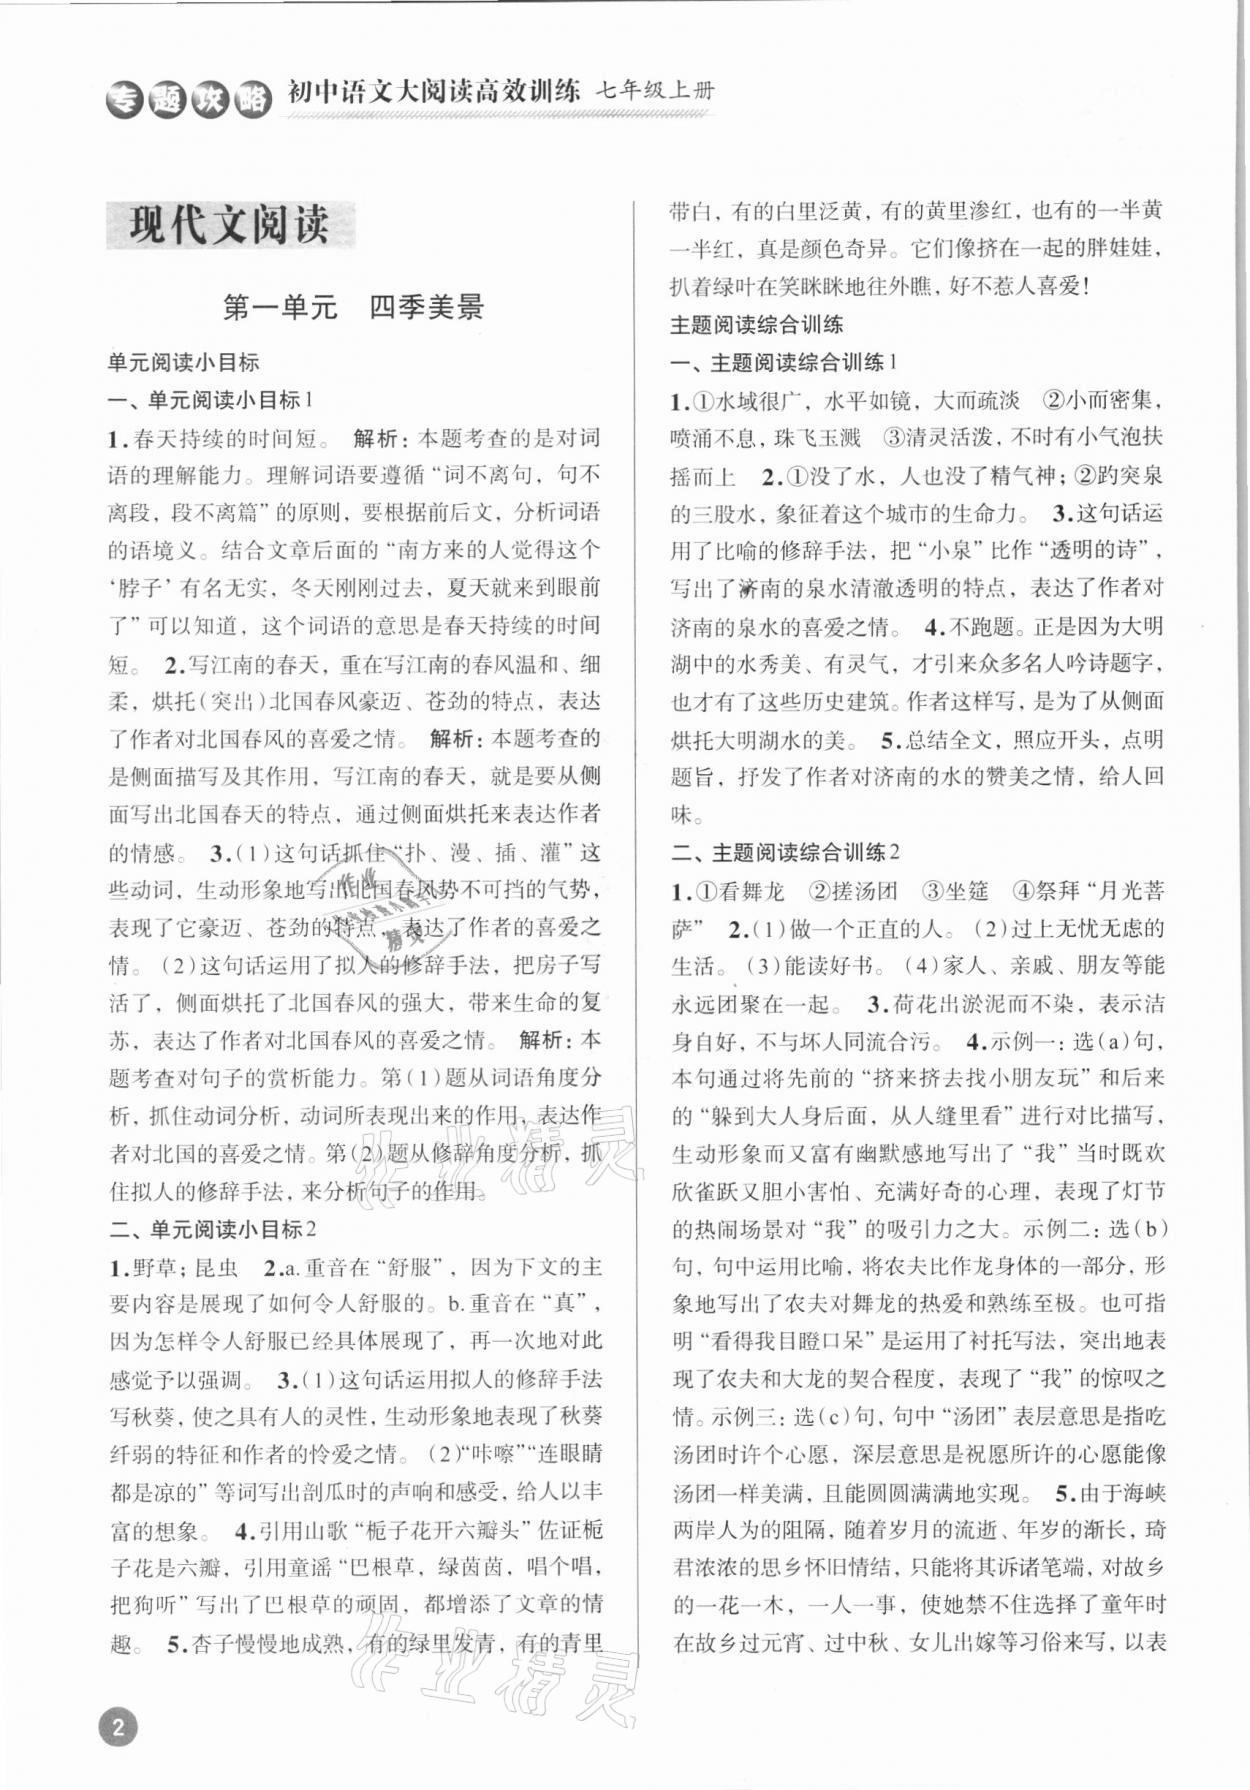 2021年初中语文大阅读高效训练七年级上册人教版浙江专版参考答案第1页